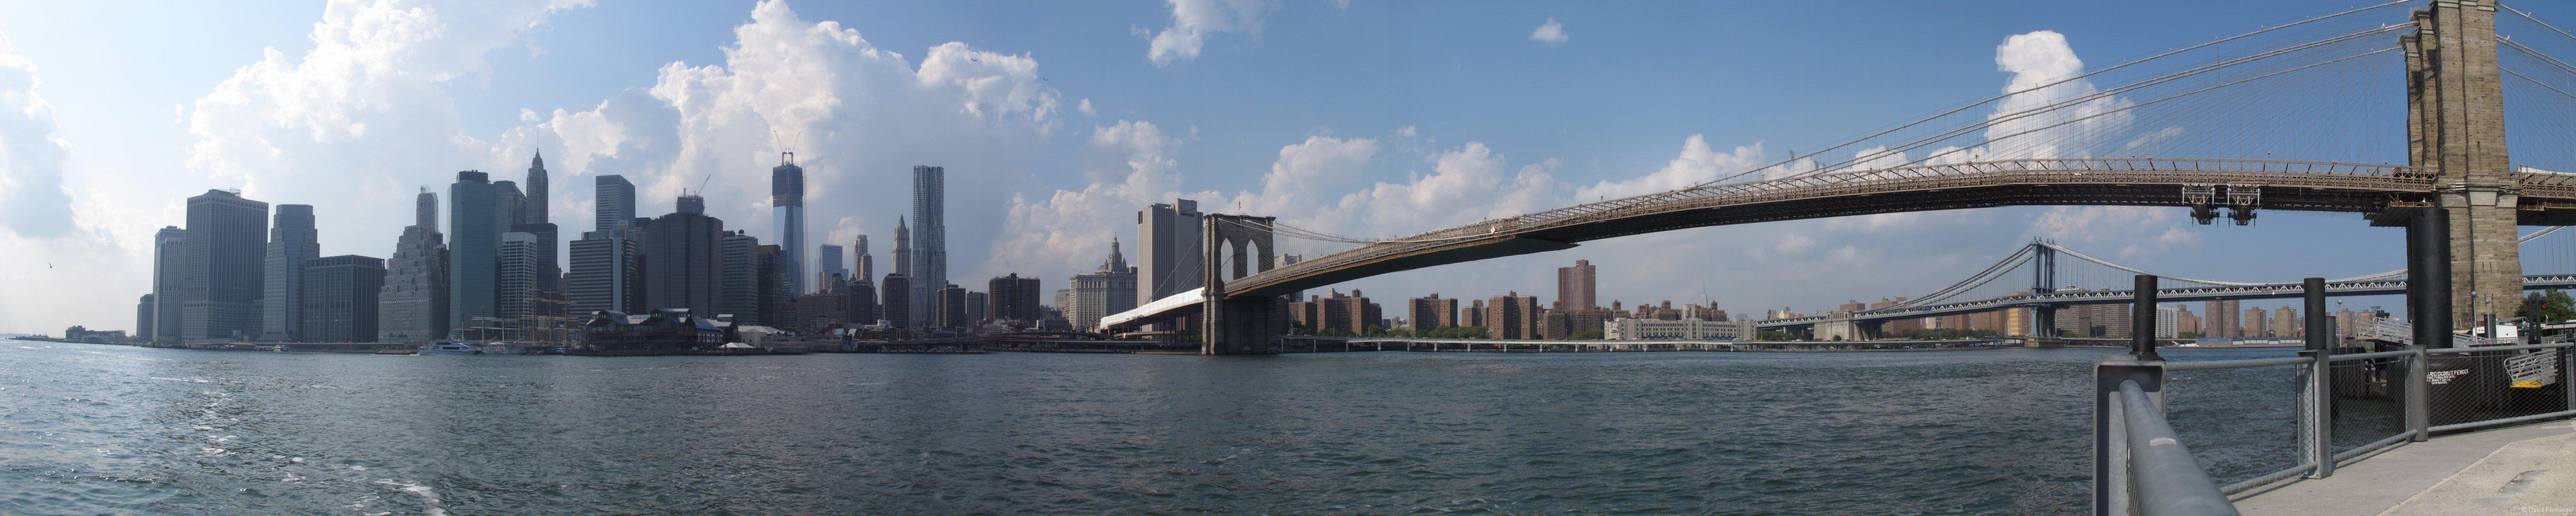 brooklyn-bridge-merge-3